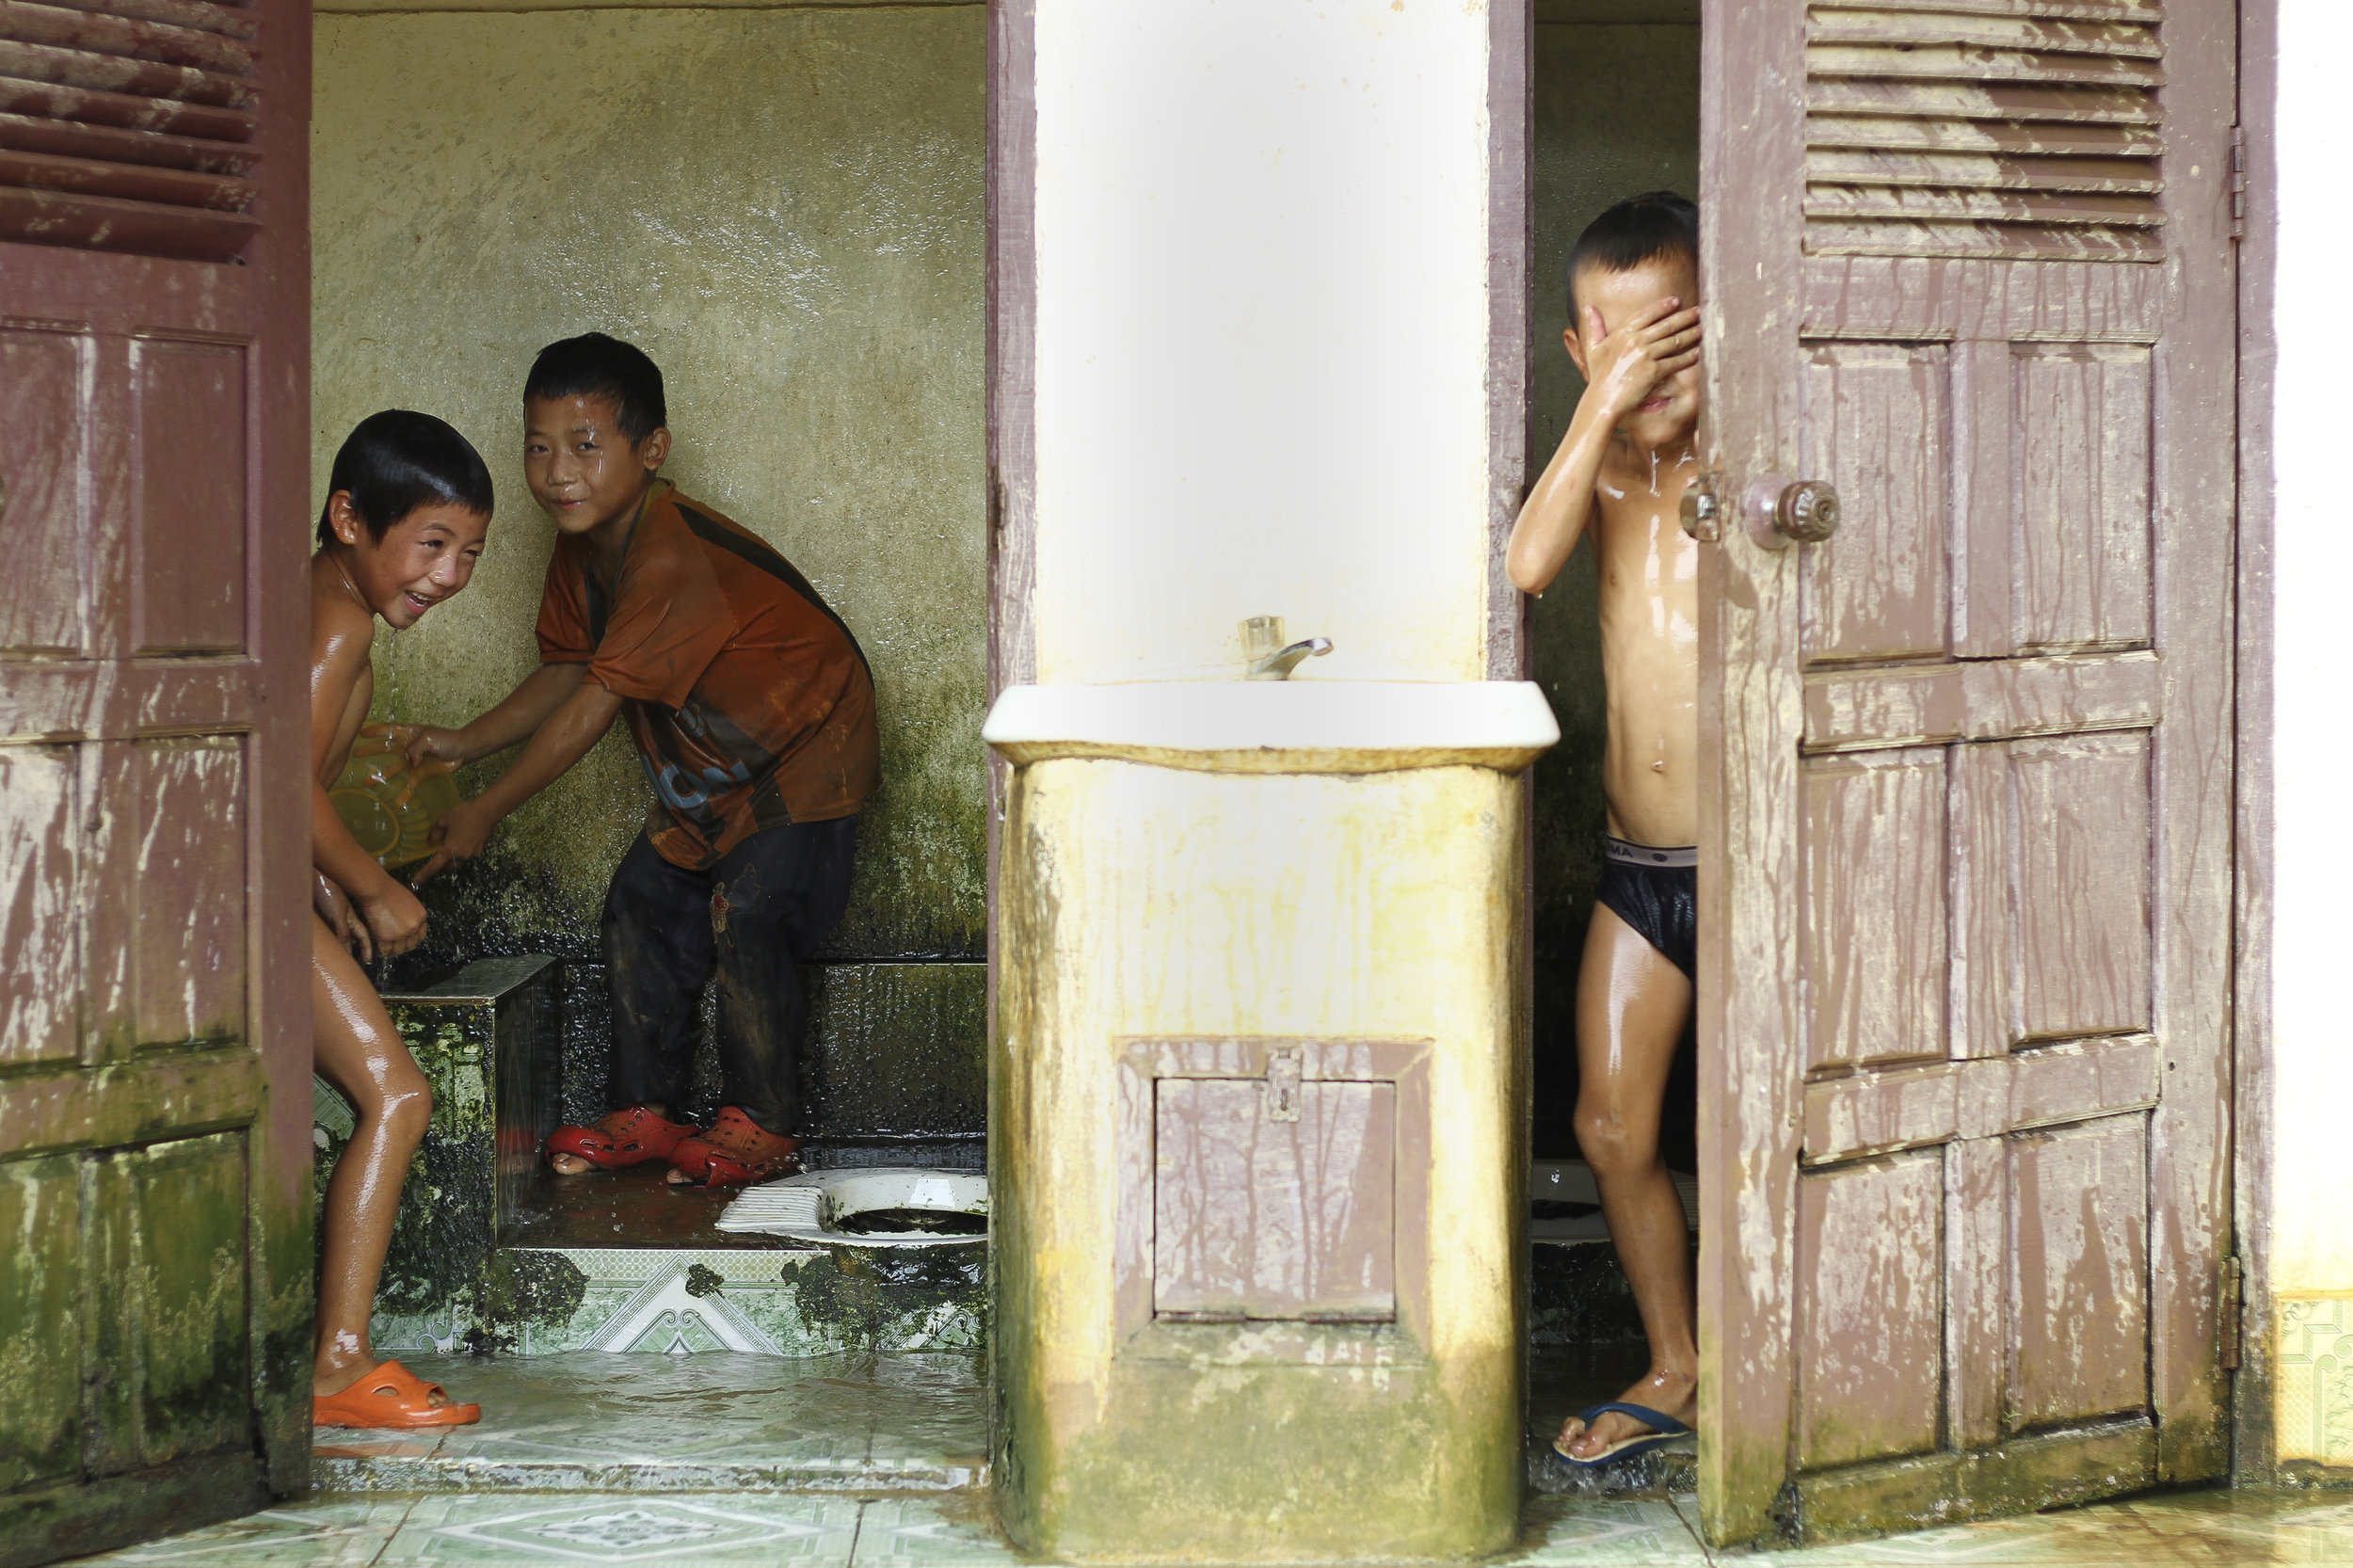 CS_20170707_CanonEOS7D_Laos_HmongVillage (26)R.jpg